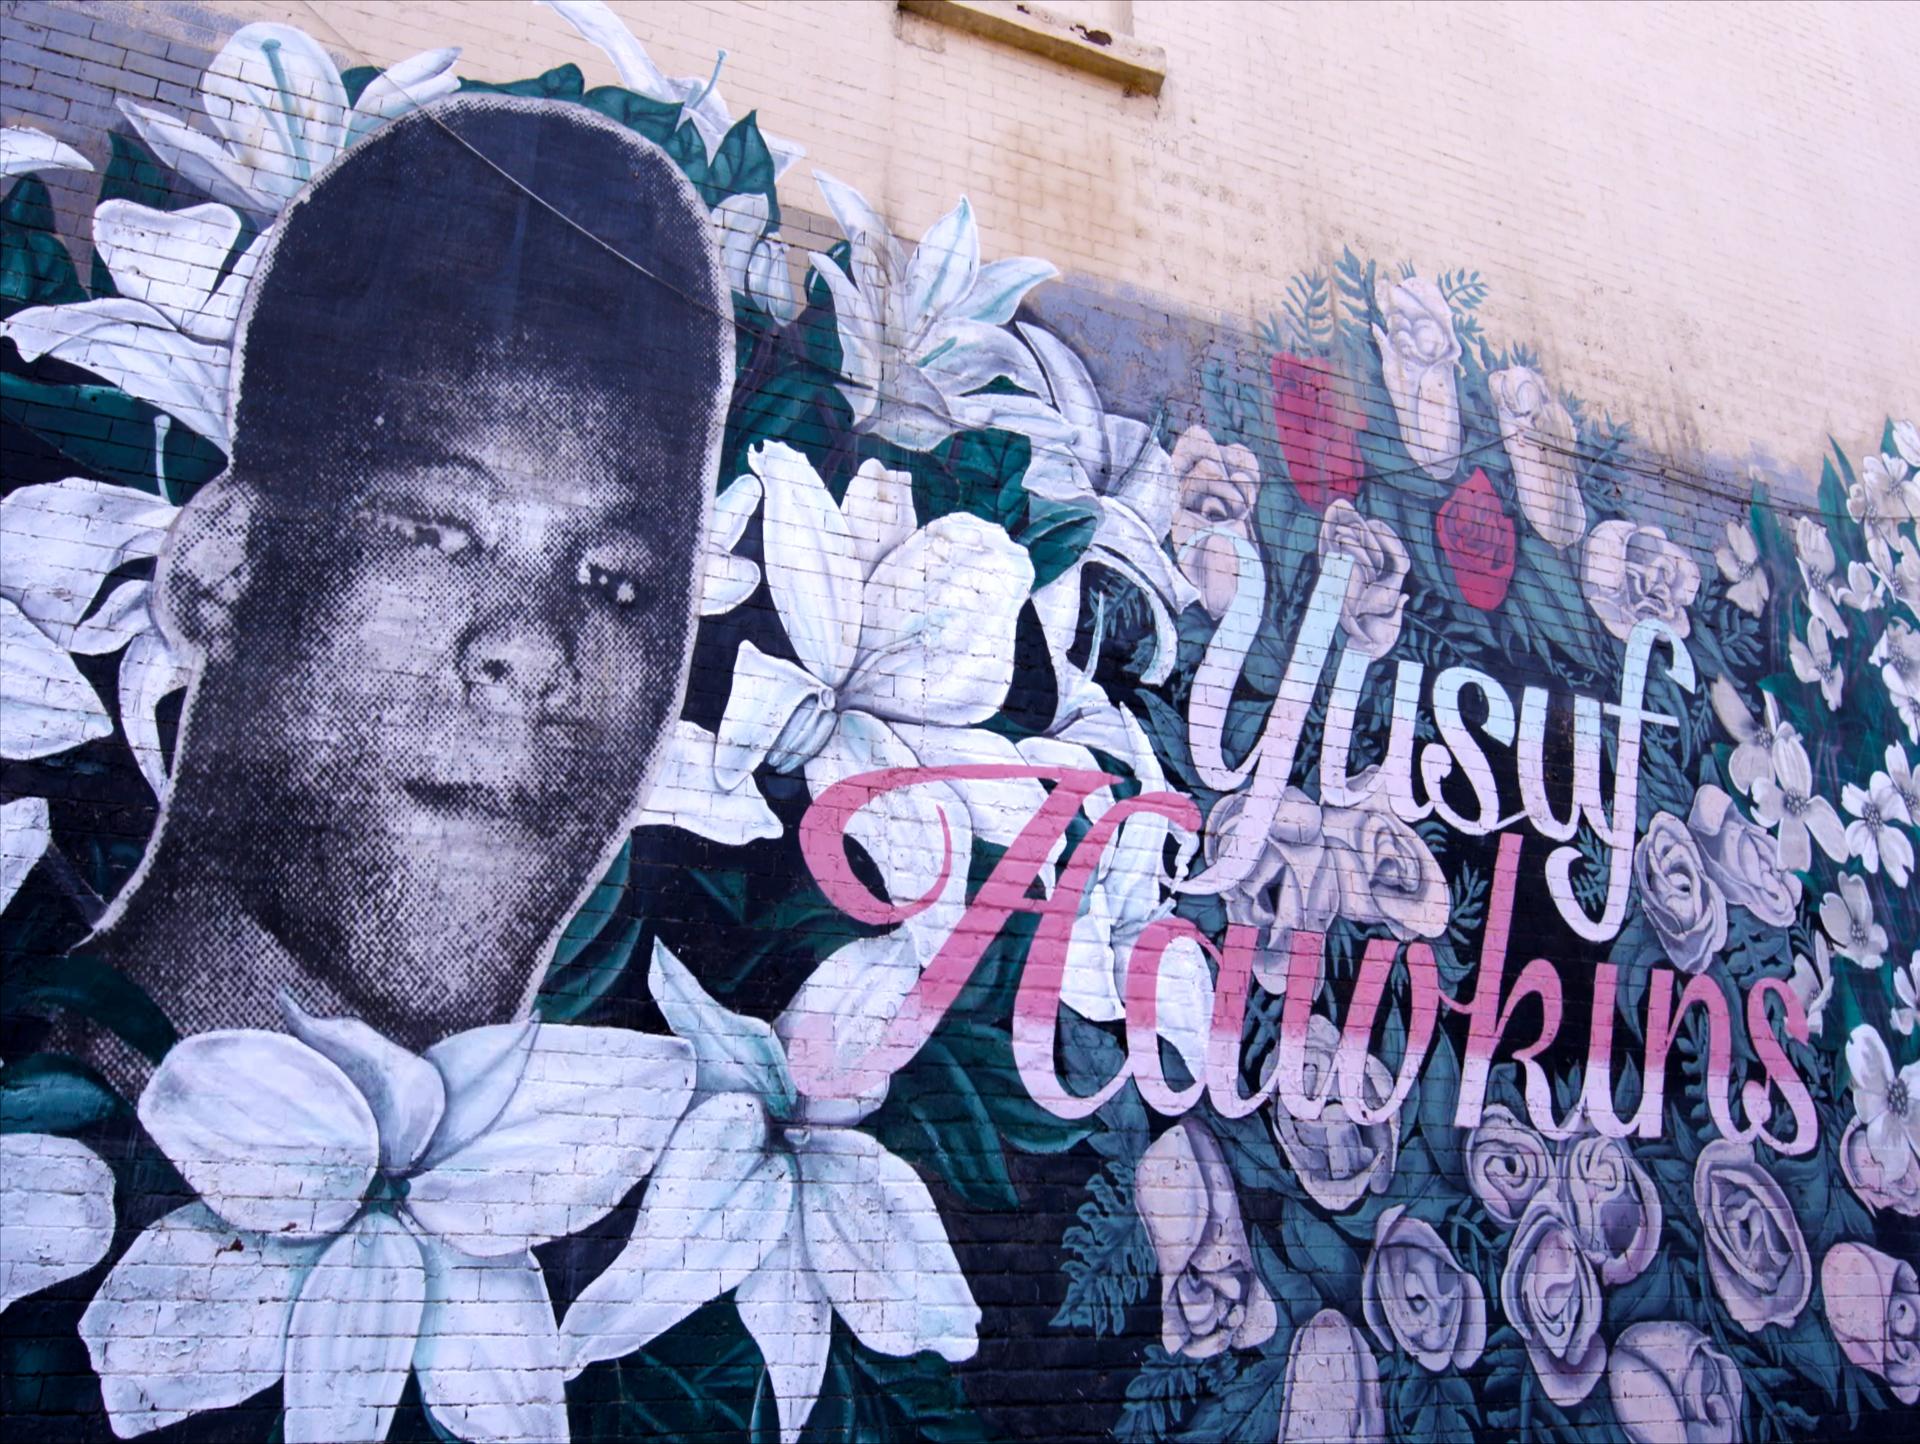 Mural dedicated to Yusuf Hawkins in Bedford-Stuyvesant, Brooklyn